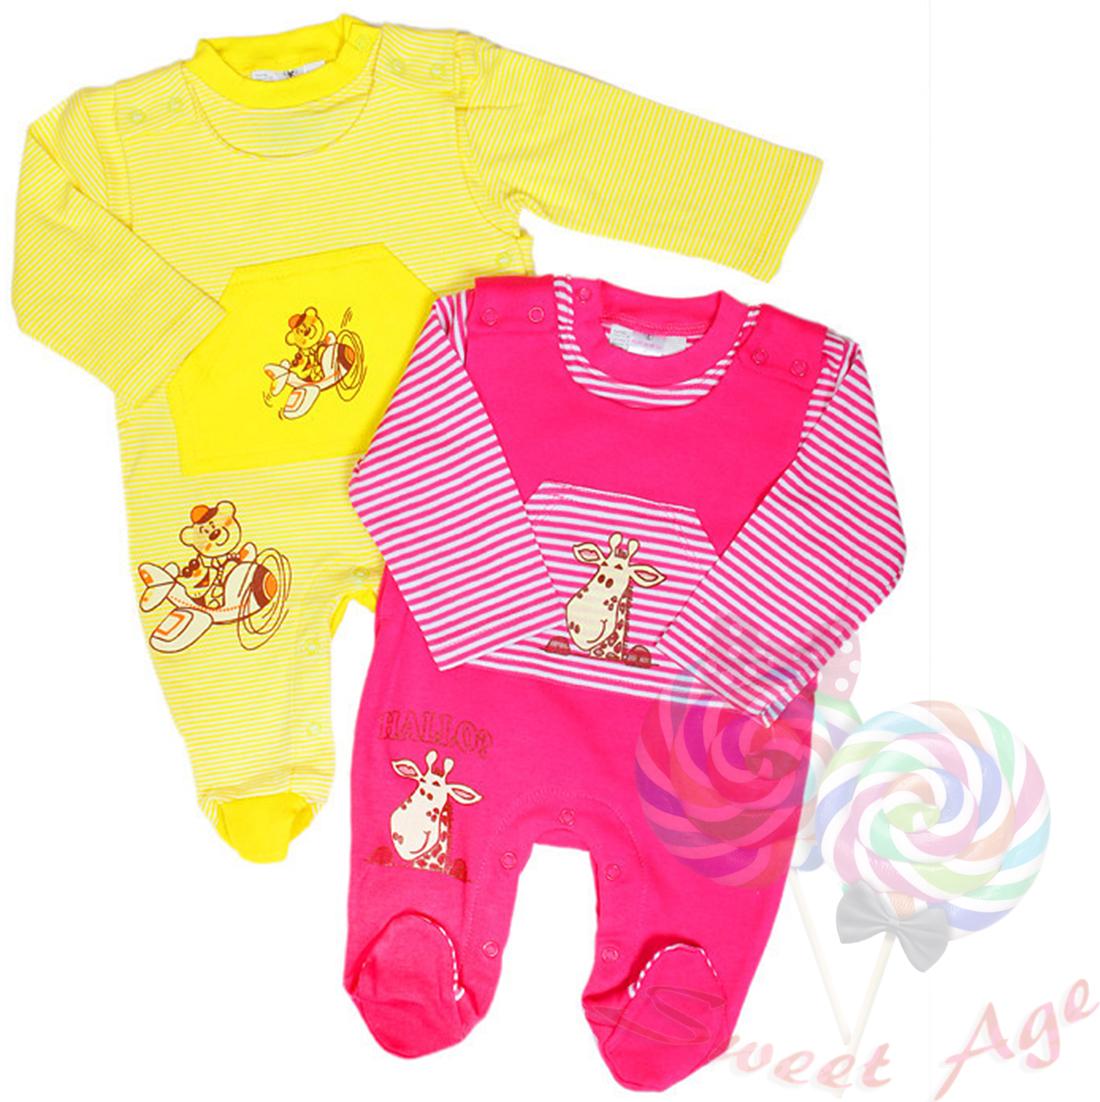 Сбор заказов. Sweet age - яркая одежда для детей (от 56 до 128 см). Без рядов - 2